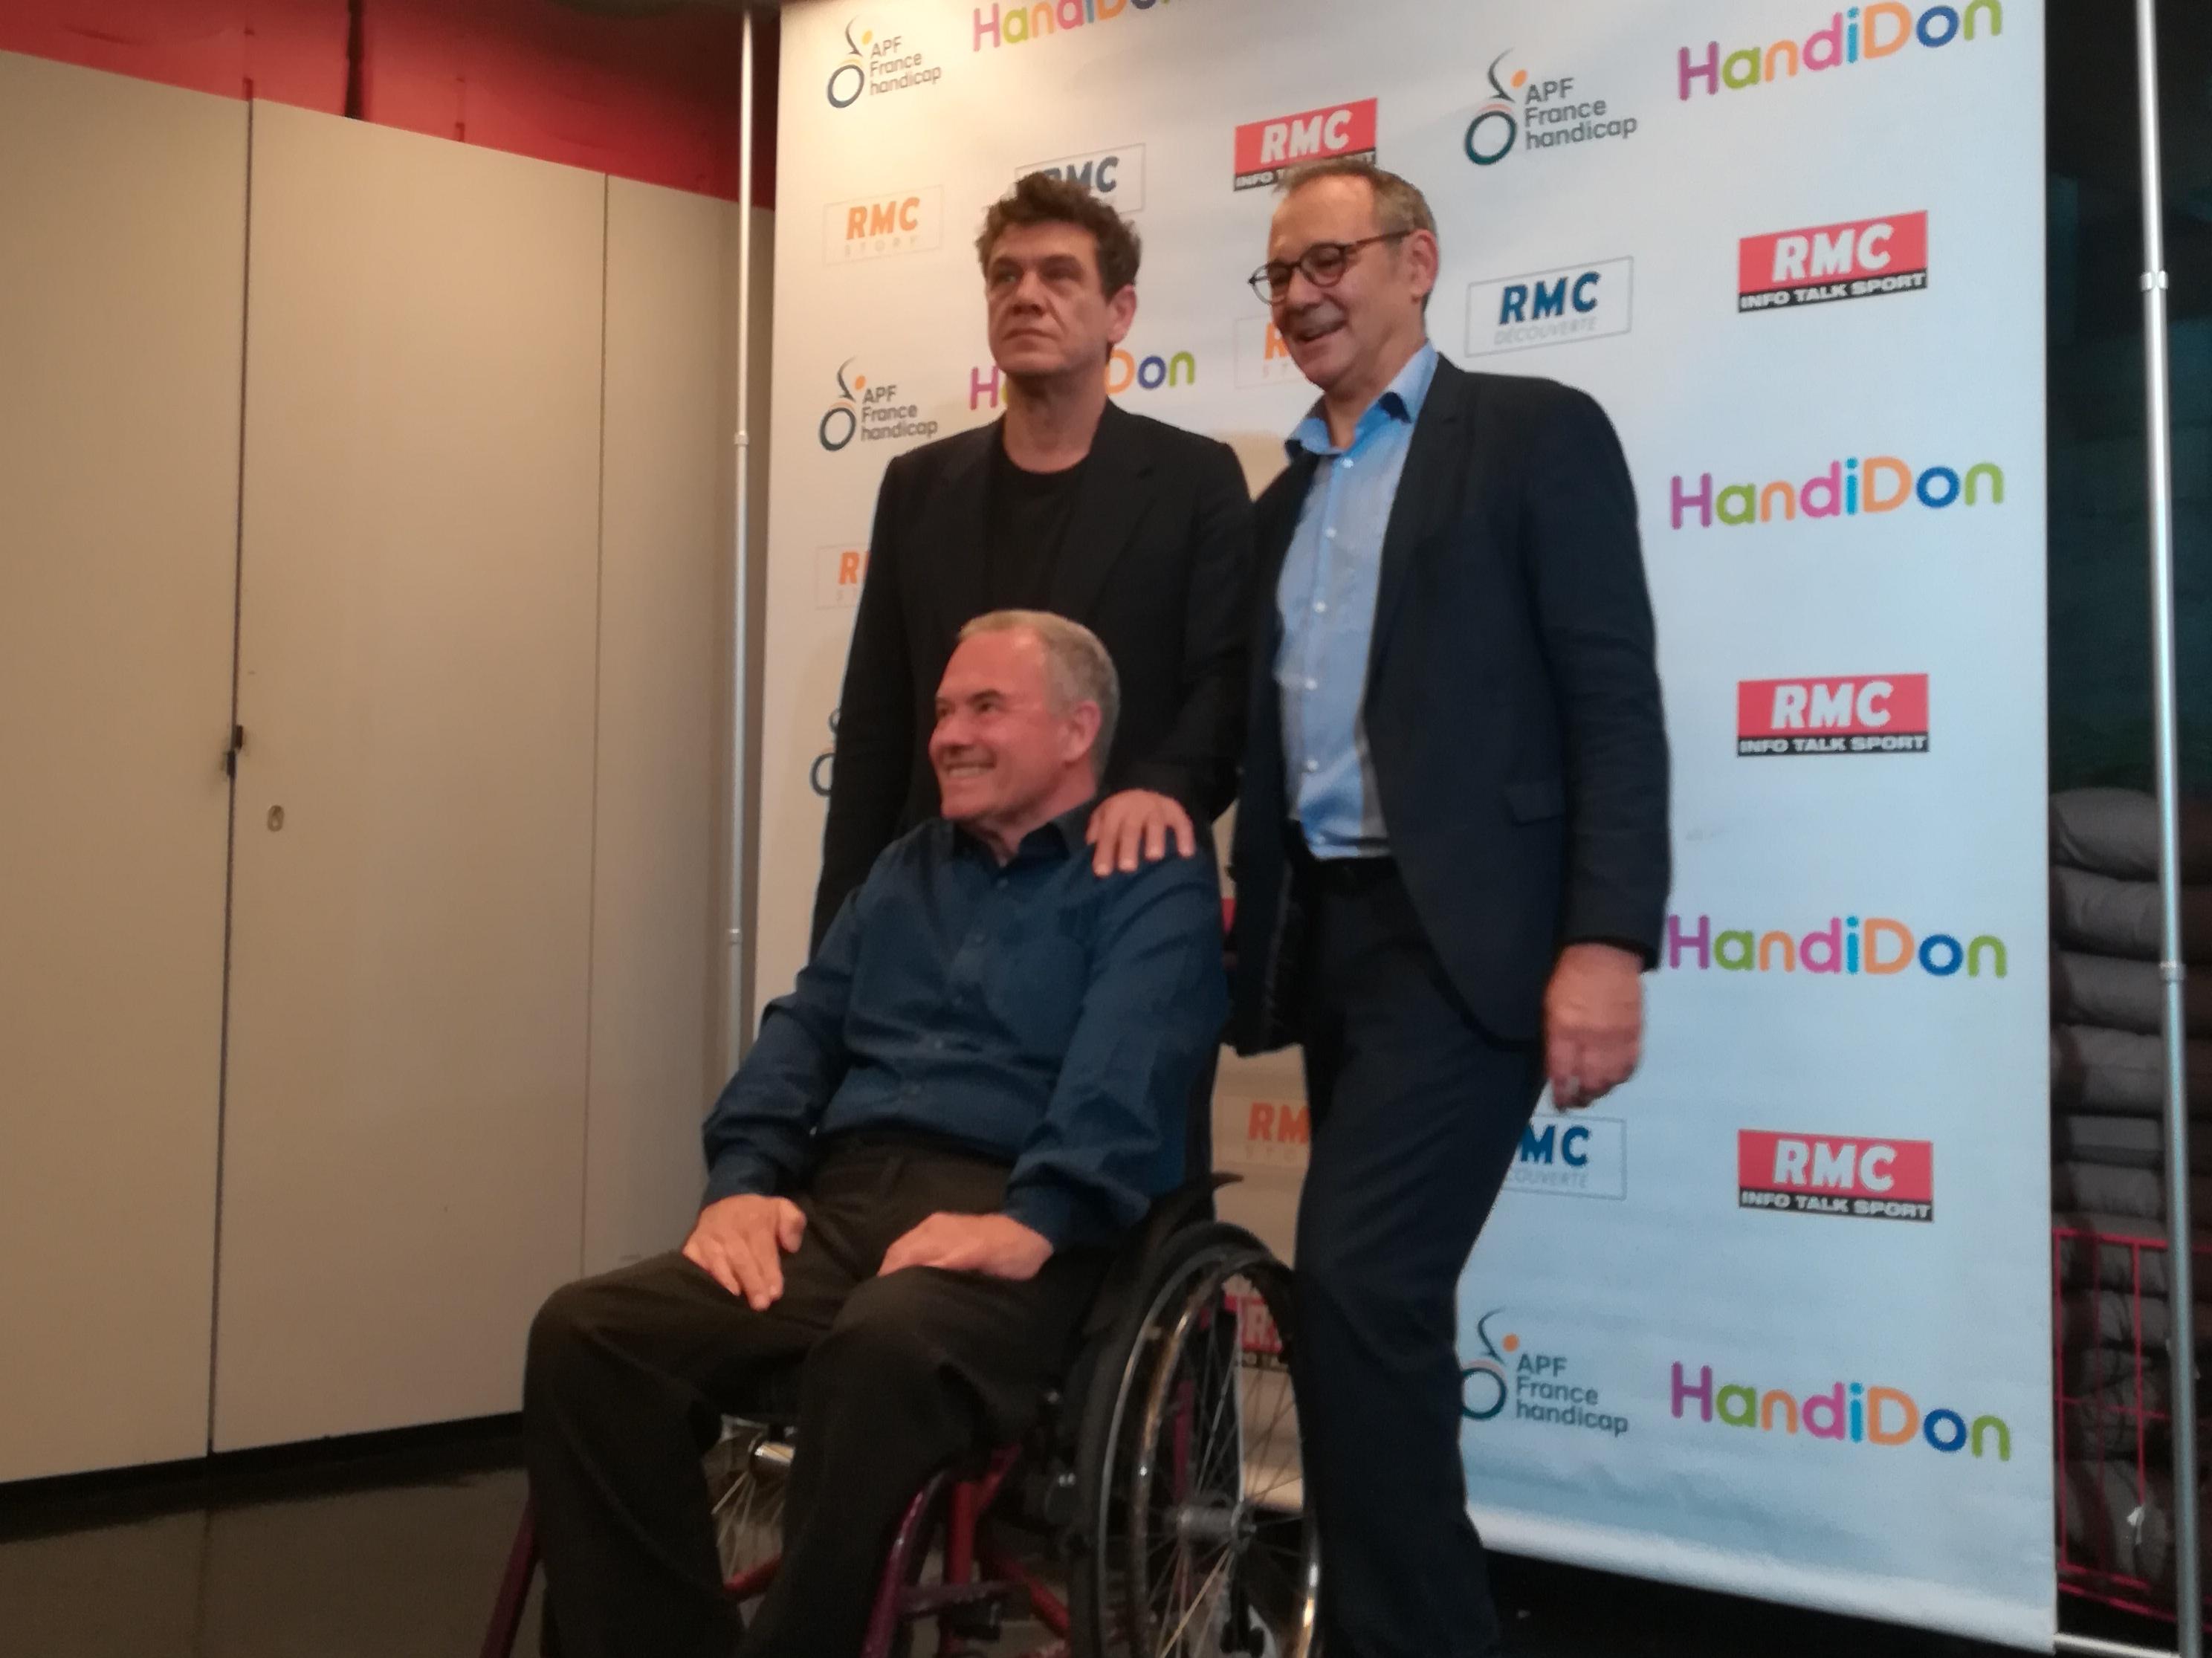 Marc Lavoine aux côtés d'Alain Rochon et Prosper Teboul pour le lancement de Handidon